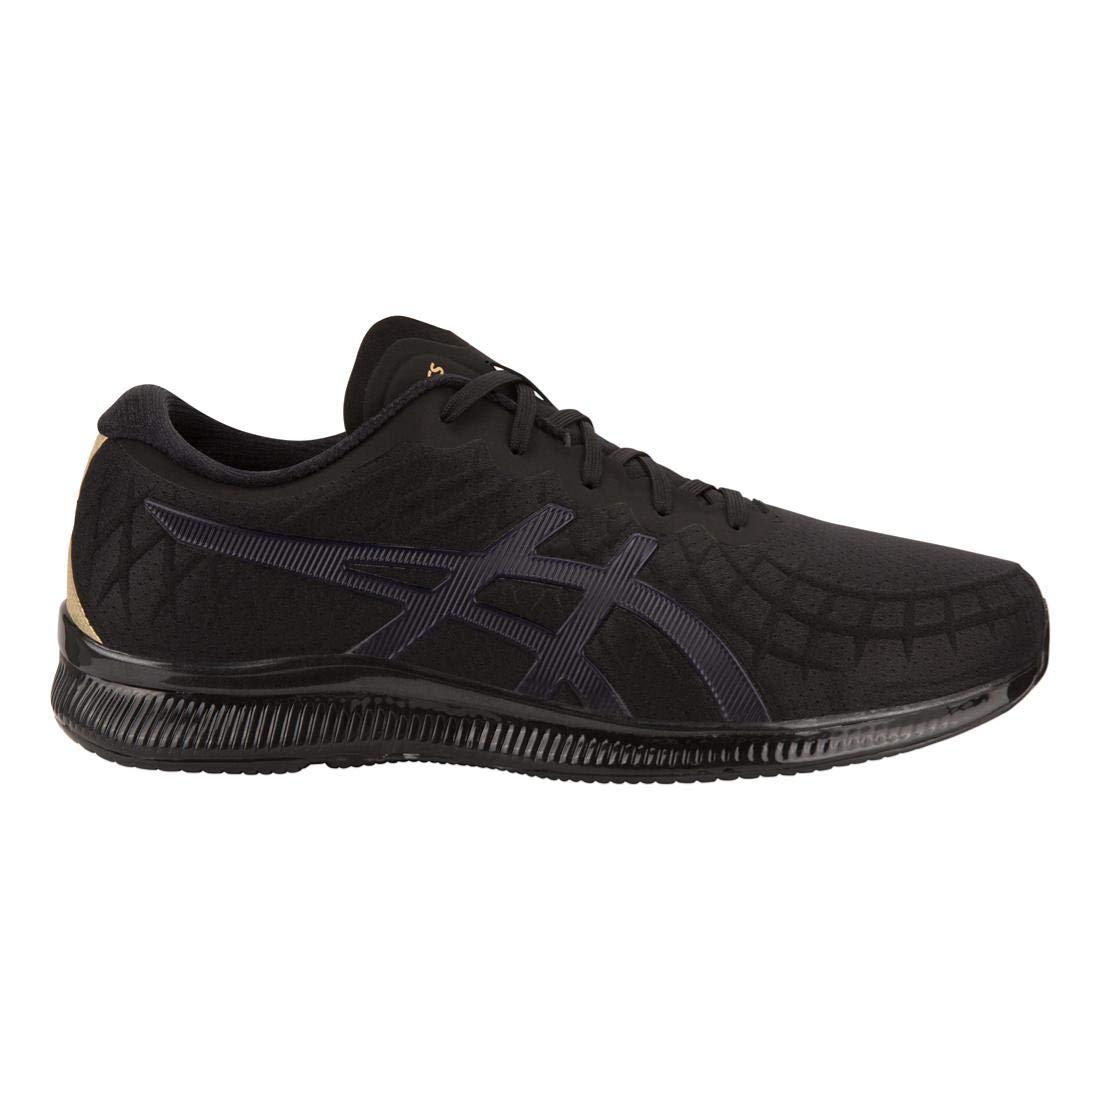 Noir noir ASICS - Chaussures Gel-Quantum Infinity pour Hommes 40 EU